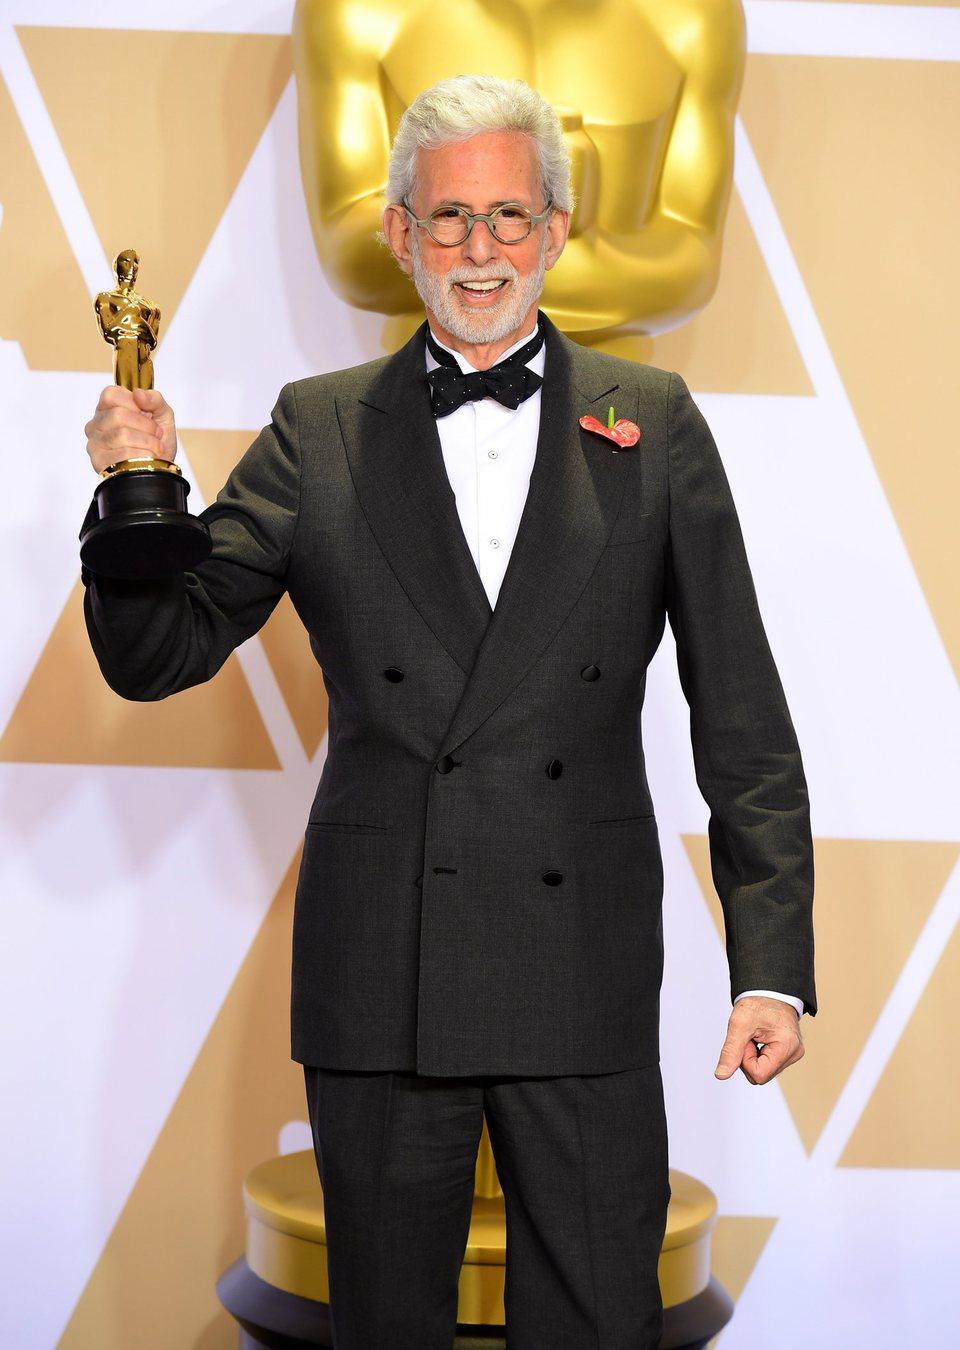 Frank Stiefel, Oscar winner for Best Documentary Short Subject for 'Traffic Jam on the 405'